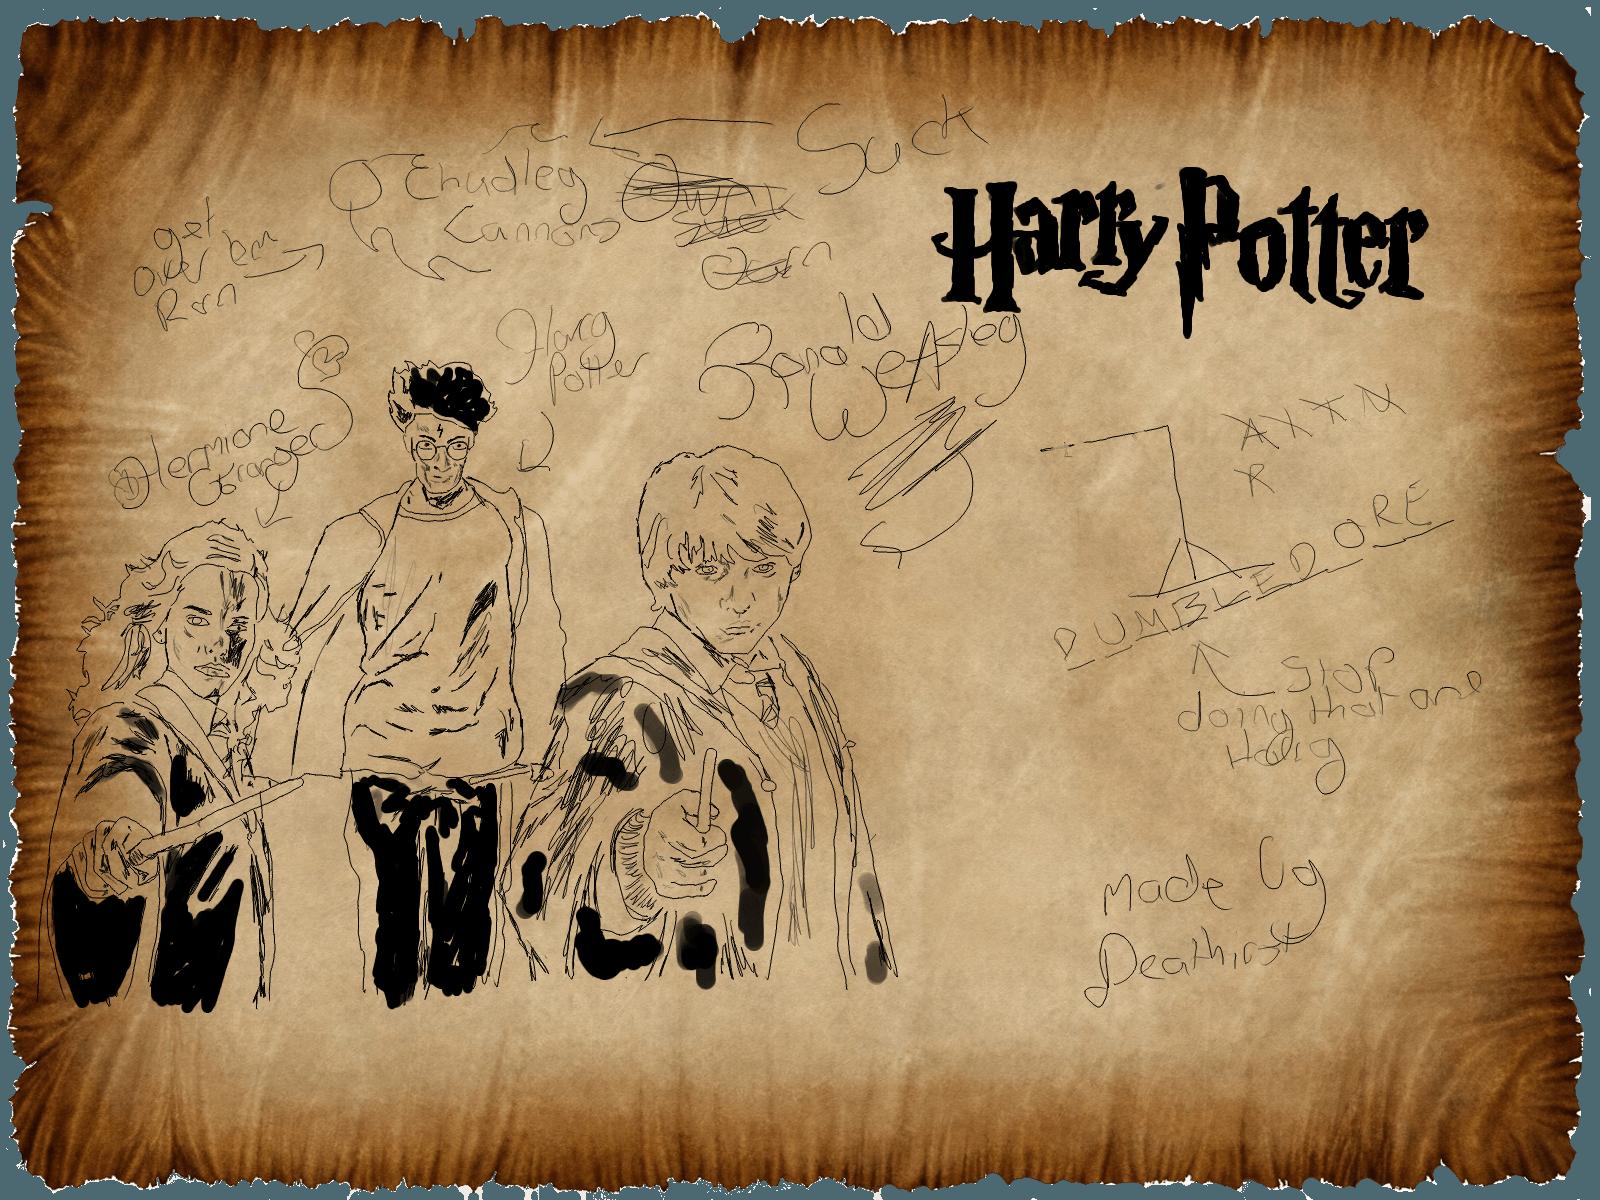 Desktop Wallpaper Tolkien Quote Harry Potter Book Wallpapers Wallpaper Cave